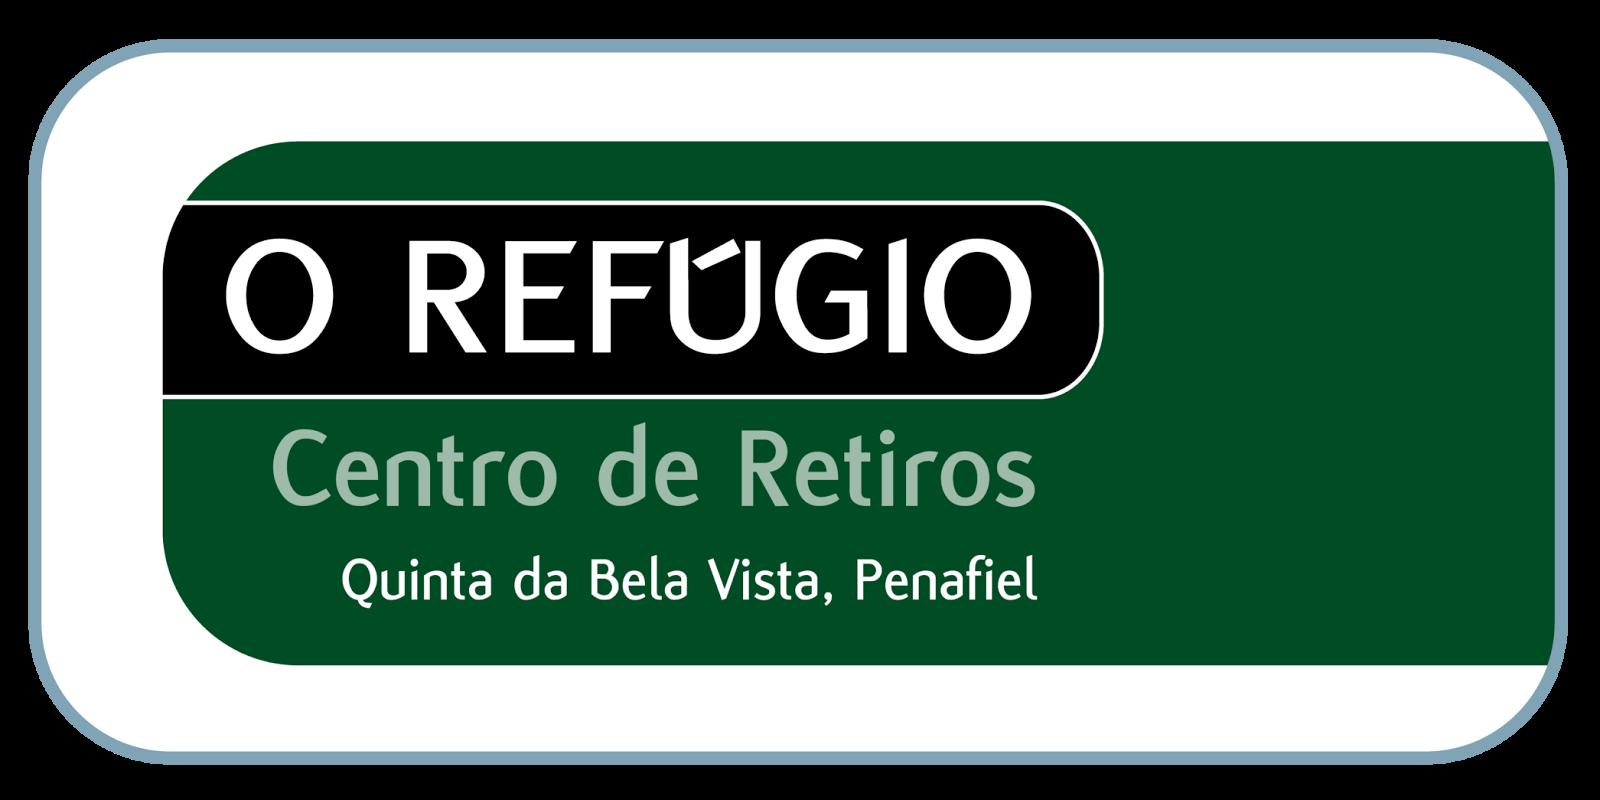 Centro de Retiros O REFÚGIO